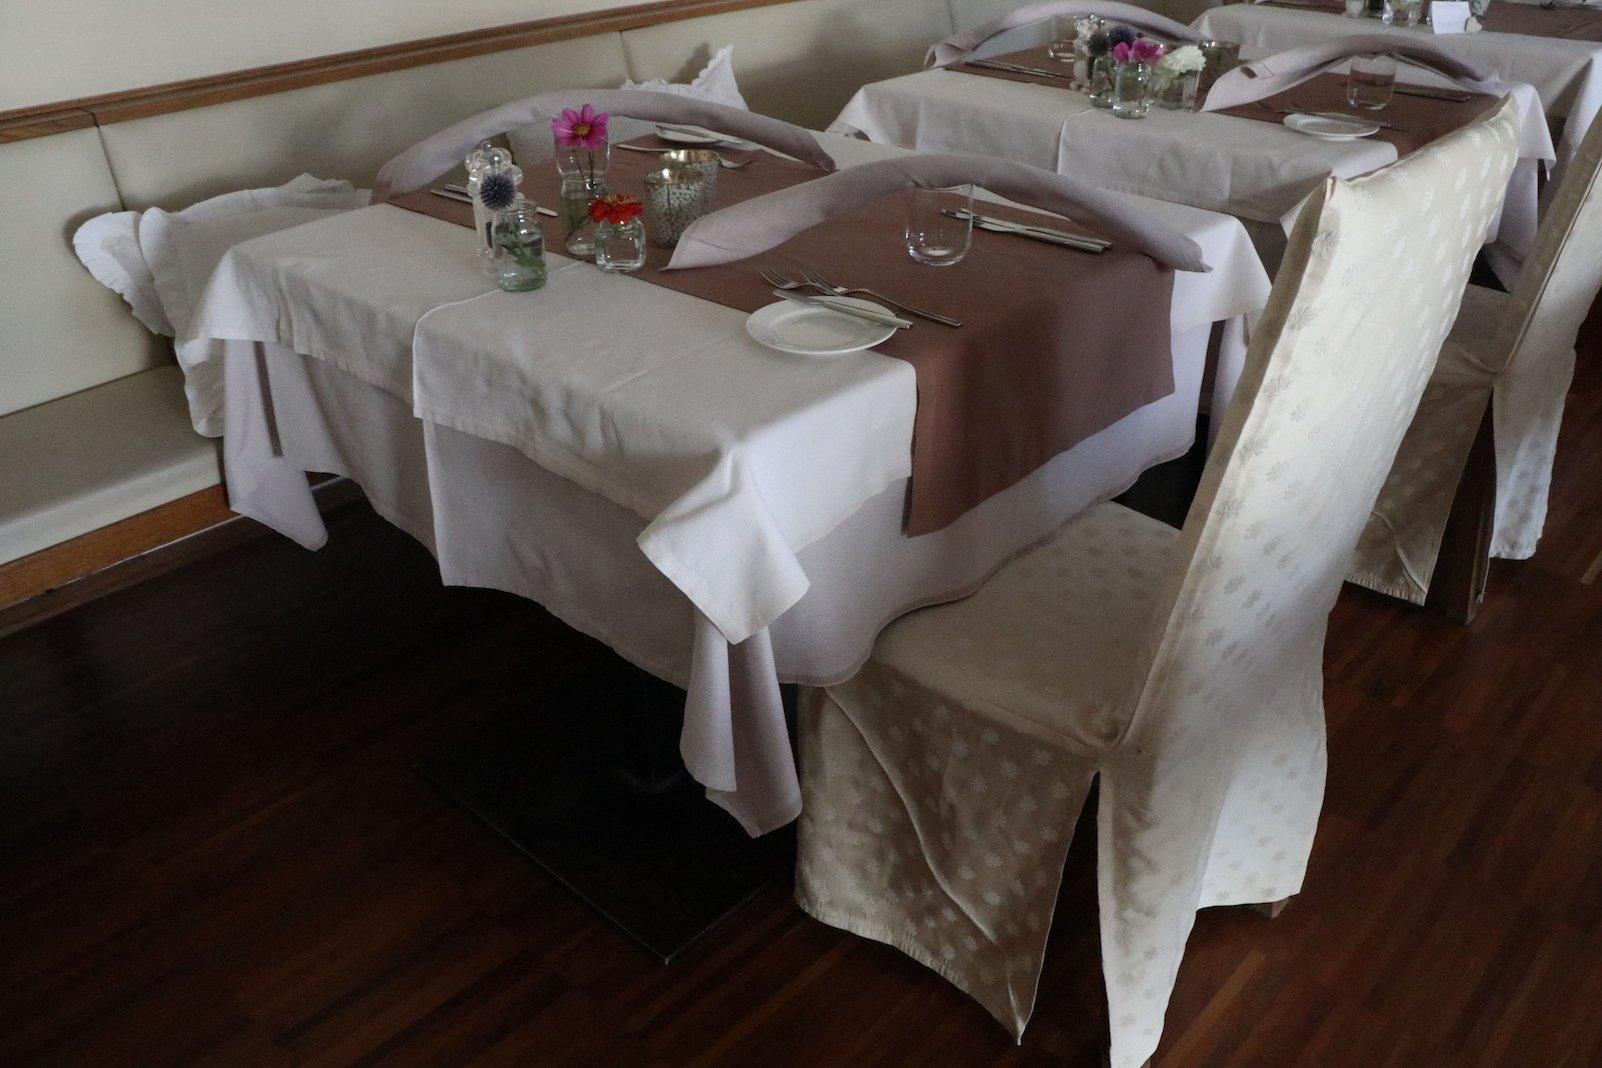 Ein eingedeckte Tisch (Bild vom Nachmittag)